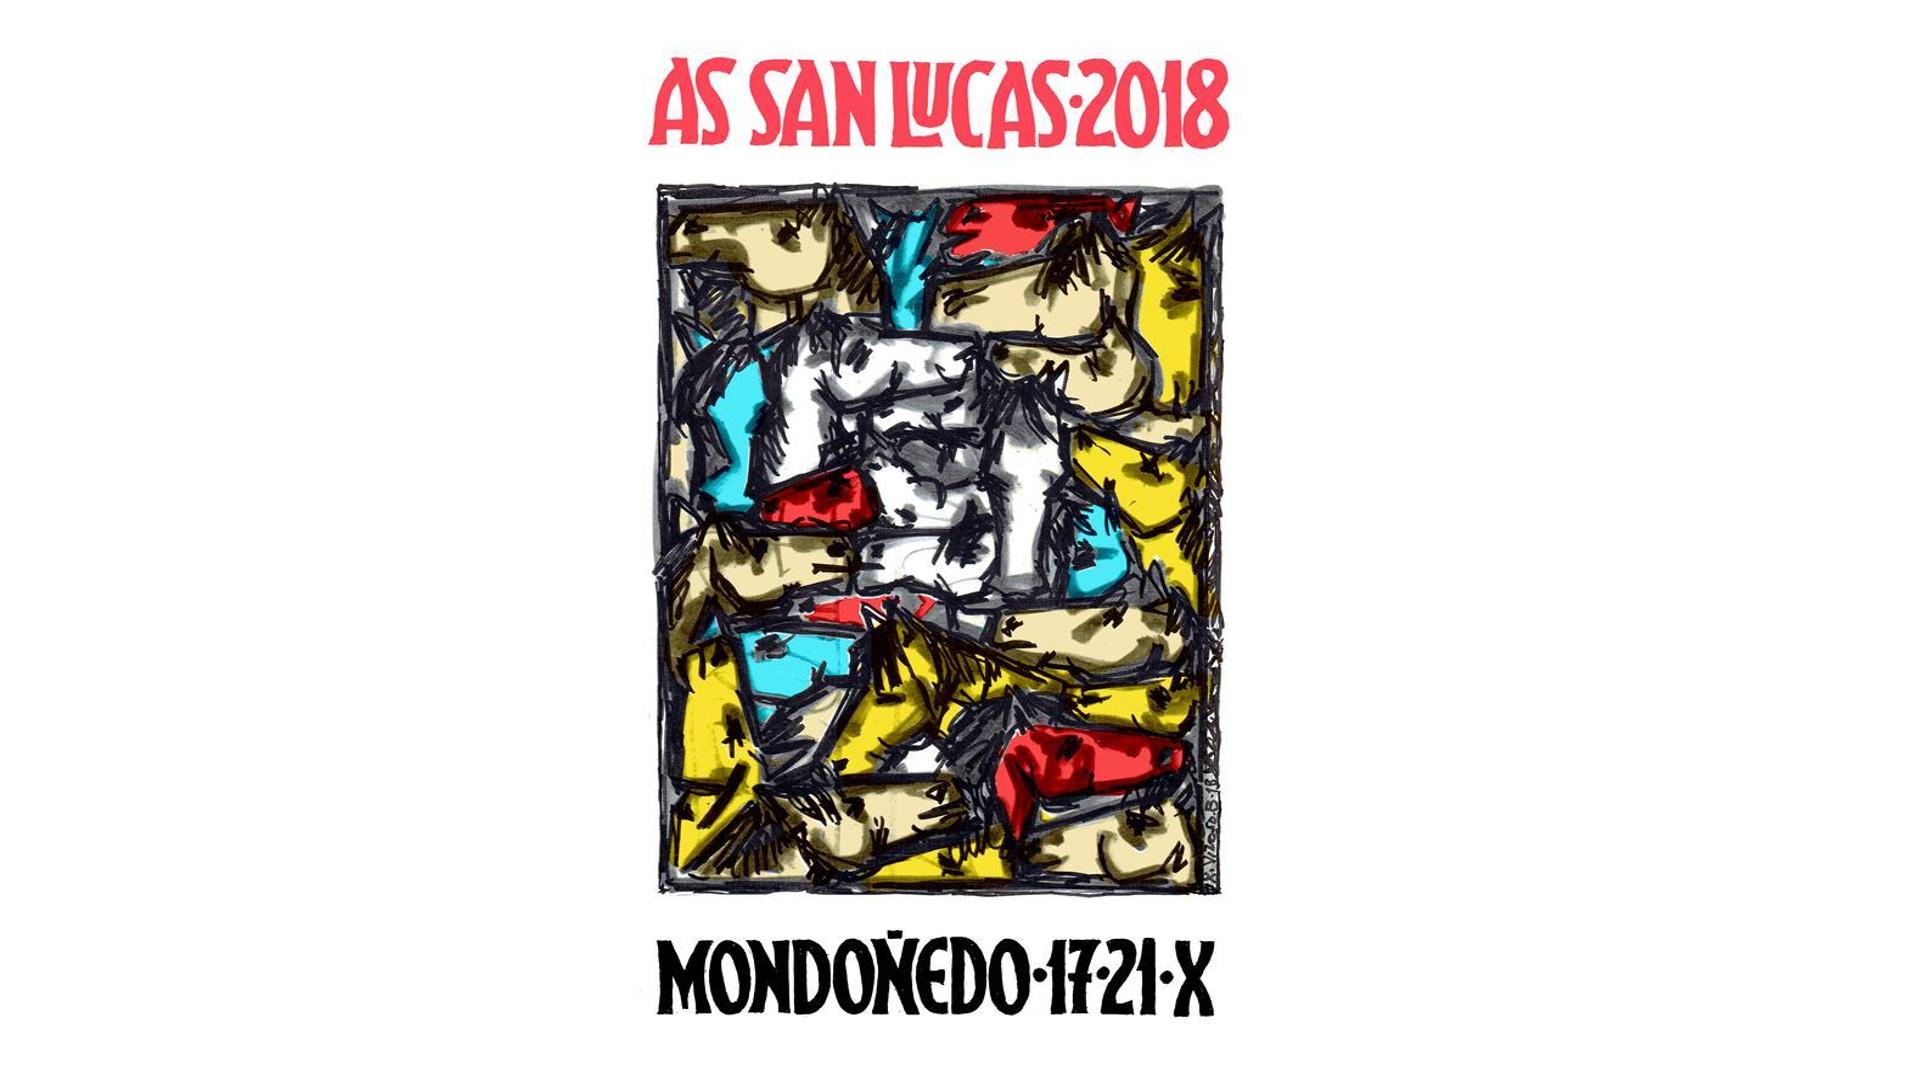 Desde hoy hasta el domingo 21 hay cita con las San Lucas de Mondoñedo 1920